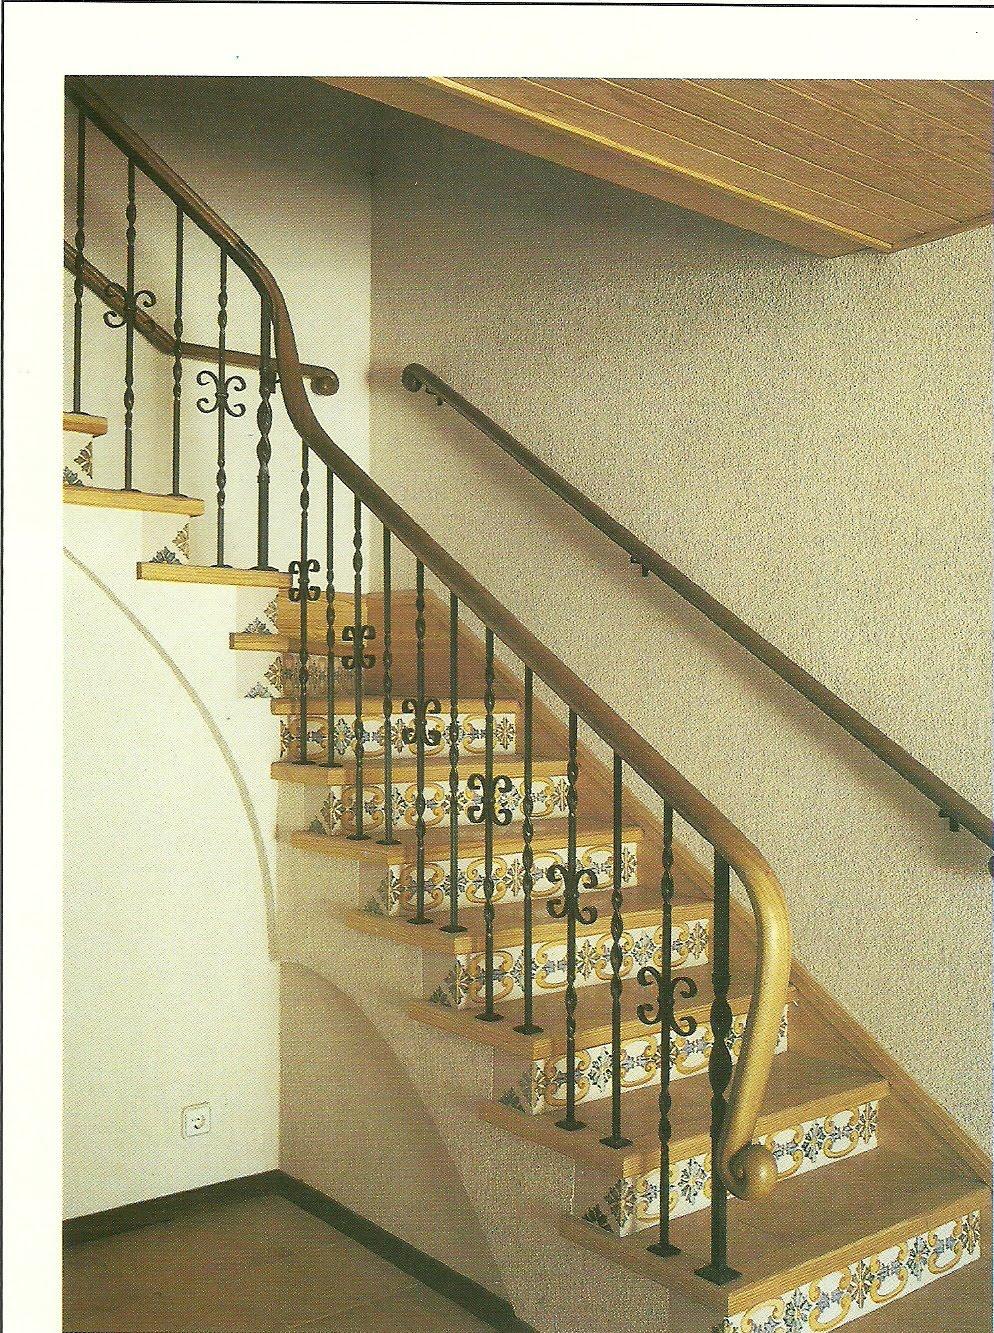 Instalaciones comerciales benidorm varandillas escaleras for Escalera hierro